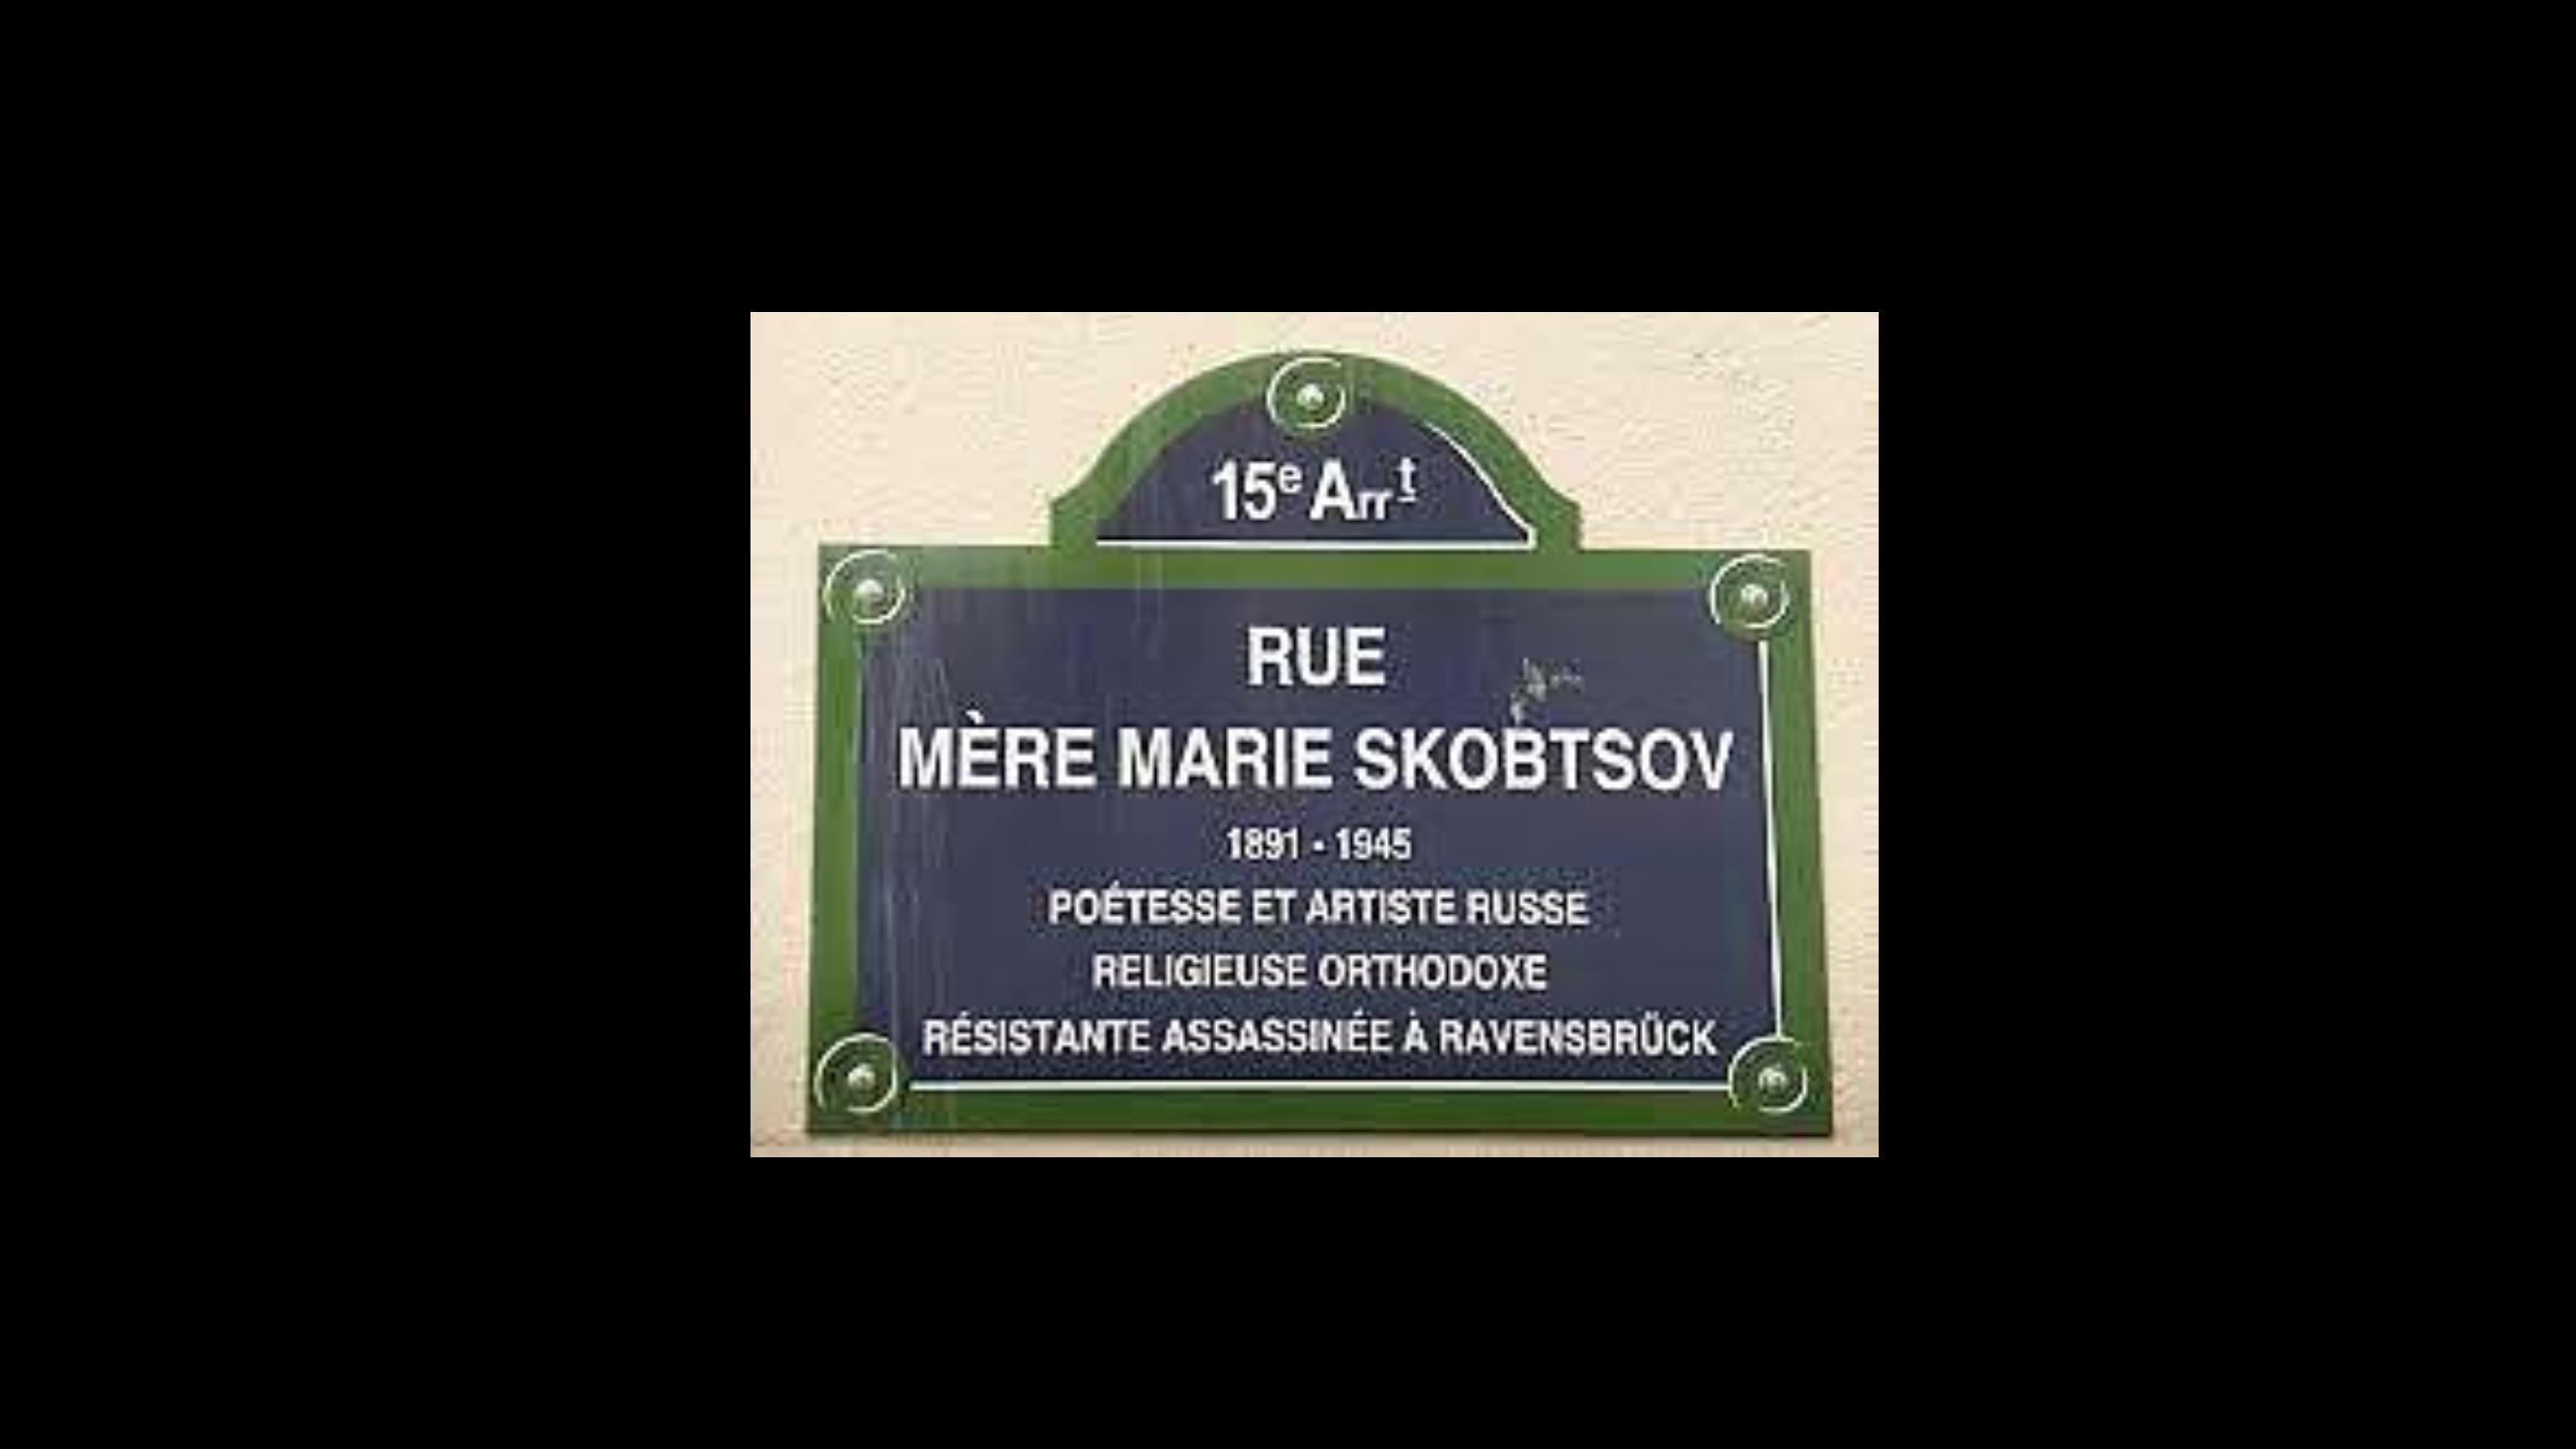 [42] Placa indicativa de nombre de calle